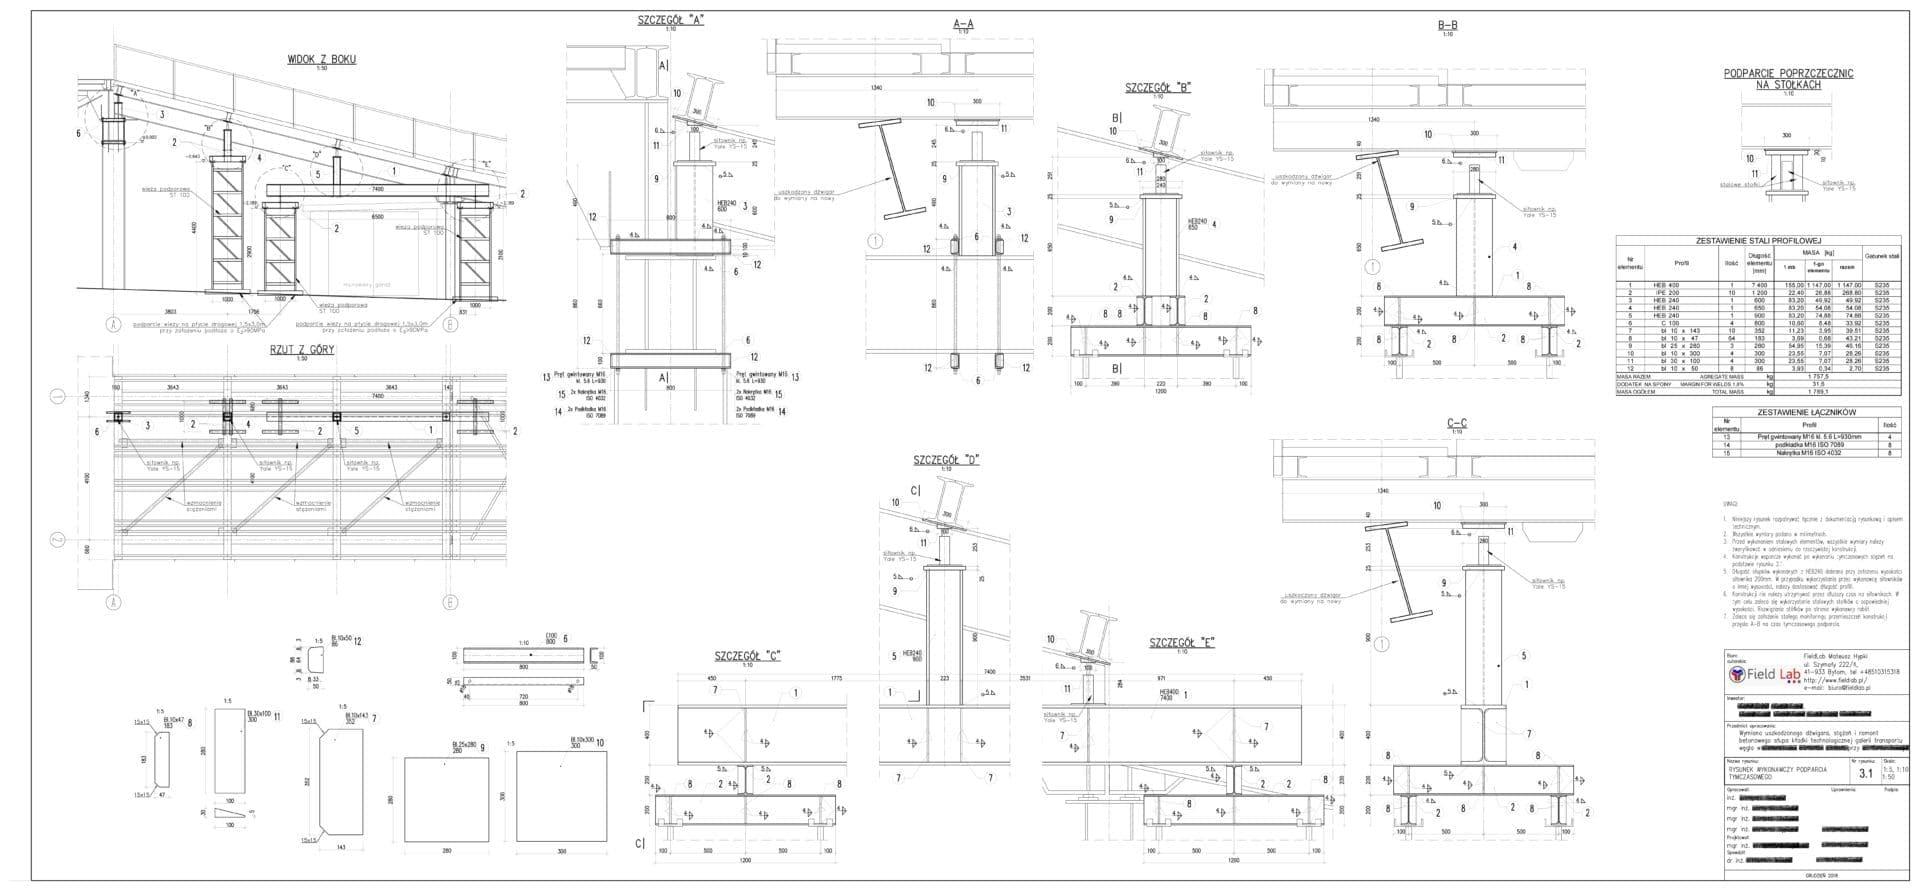 Górażdże Projekt budowlano wykonawczy rusztowanie podporowe 3 1 1 e1582546956883